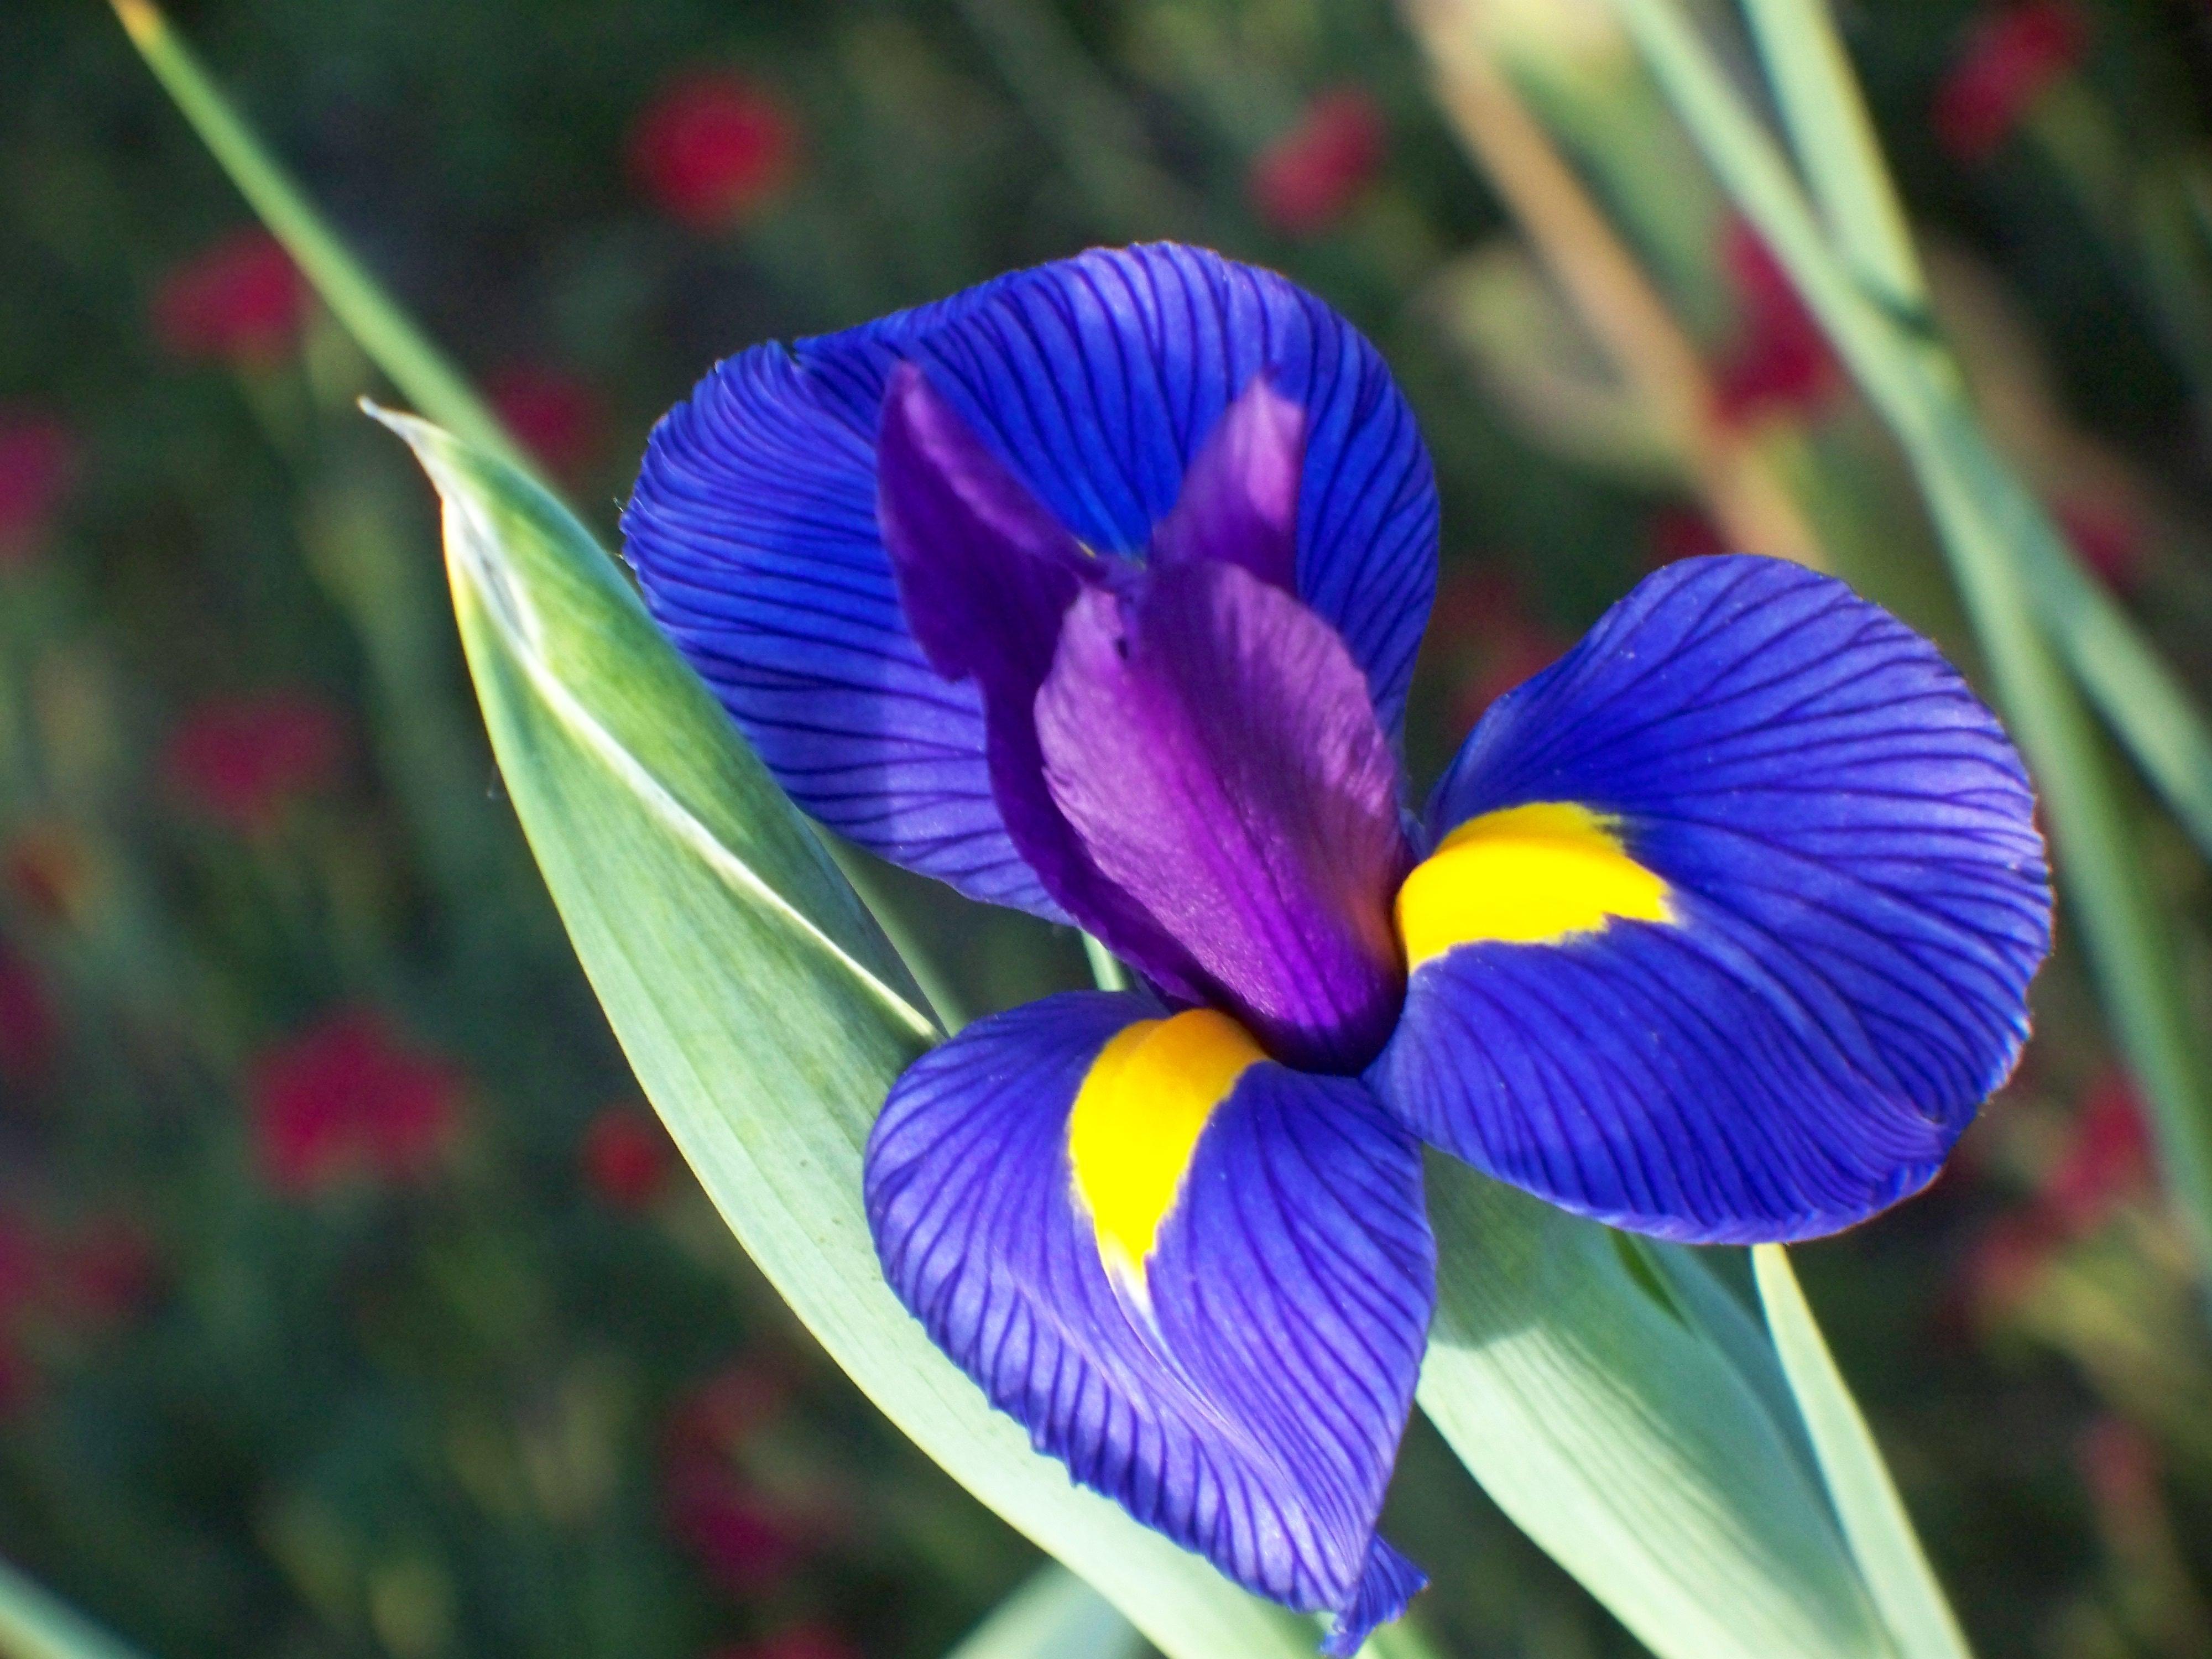 Fiori iris fiori delle piante for Fiori bulbi